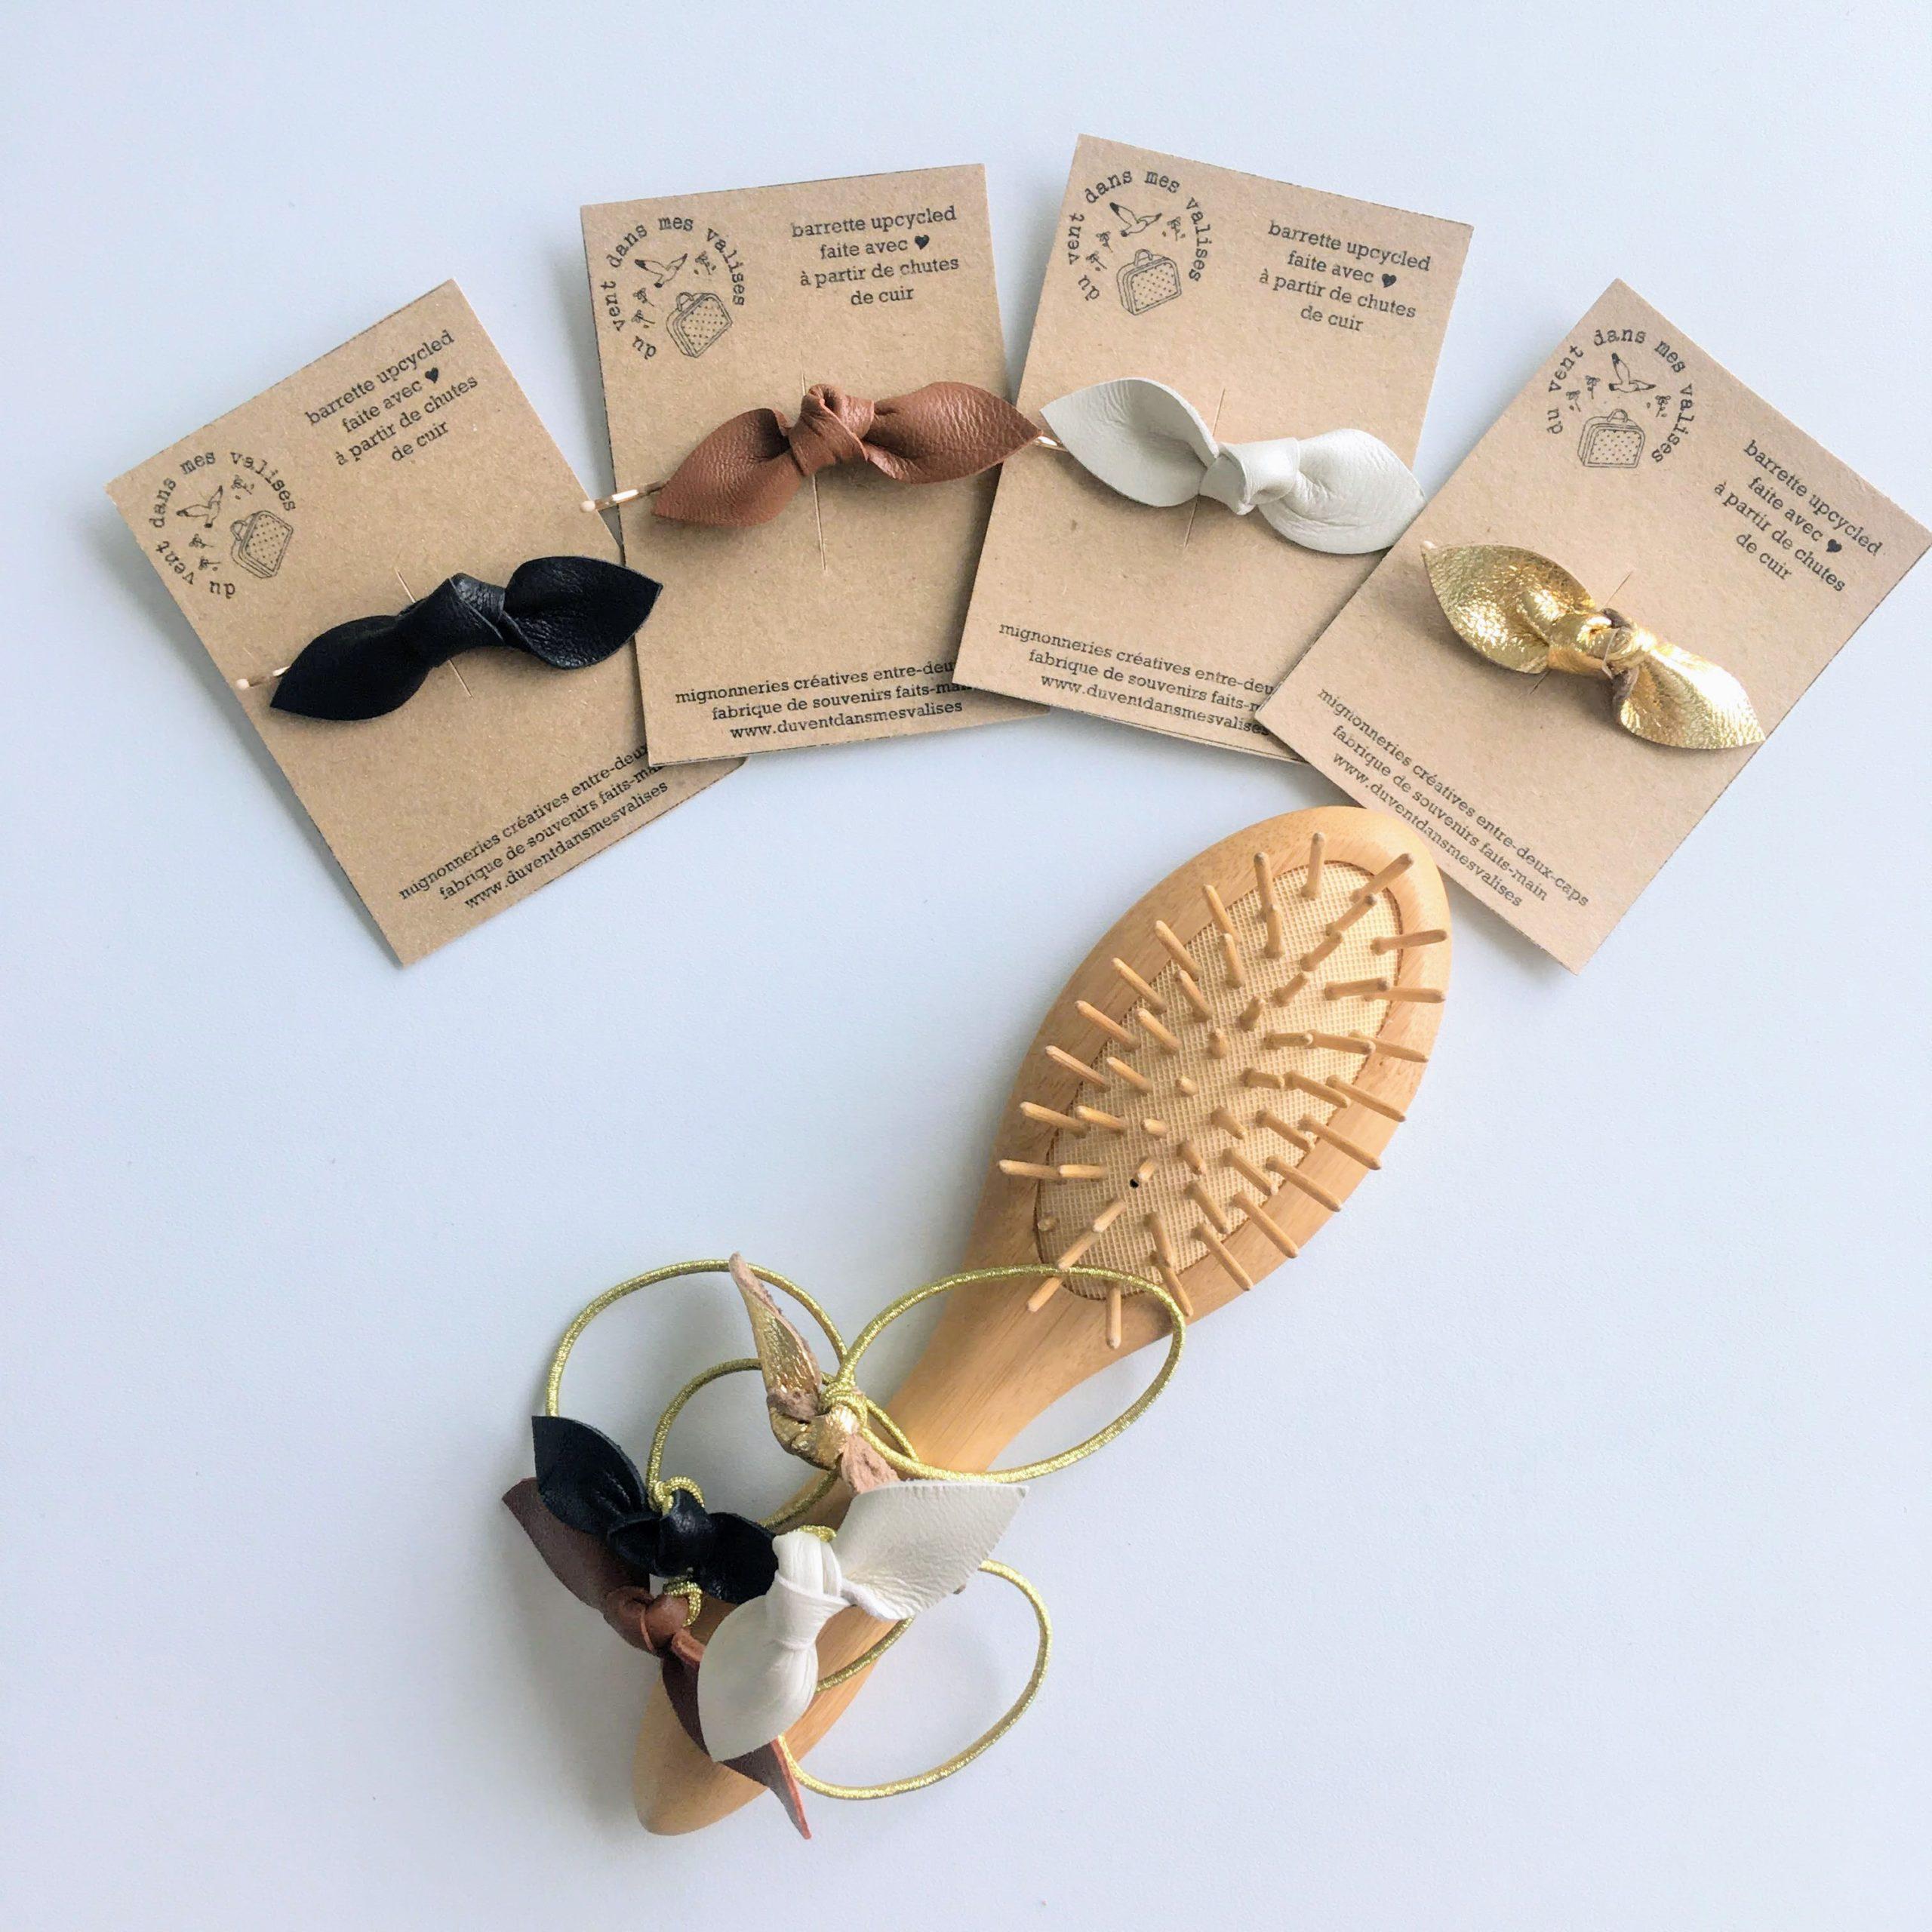 accessoires cheveux made in france en cuir couleurs itemporelles marron, noir, ivoire, doré - du vent dans mes valises